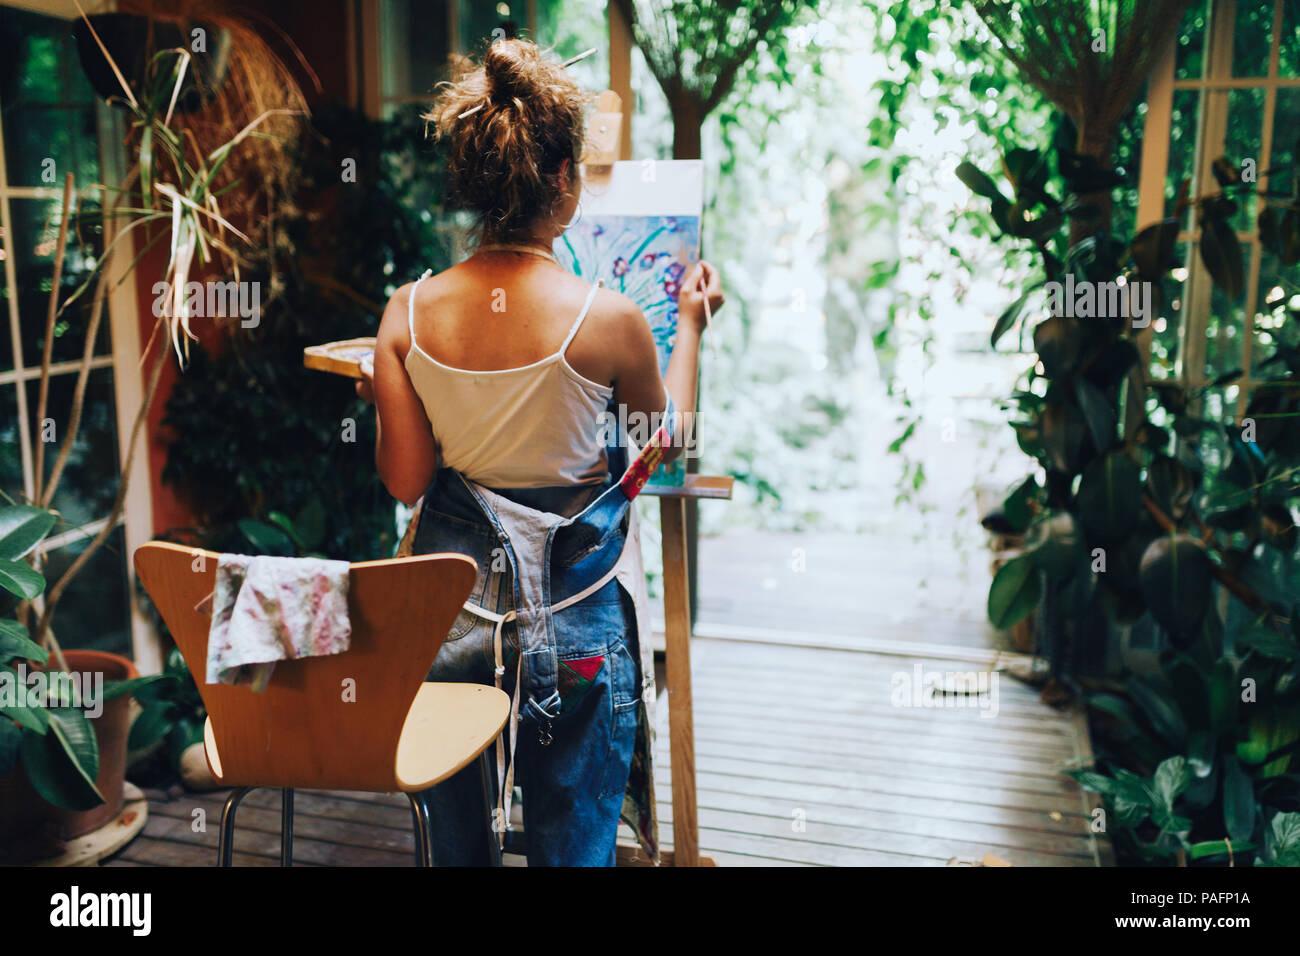 Tourné à l'intérieur de l'artiste féminin professionnel peinture sur toile en studio avec des plantes. Photo Stock